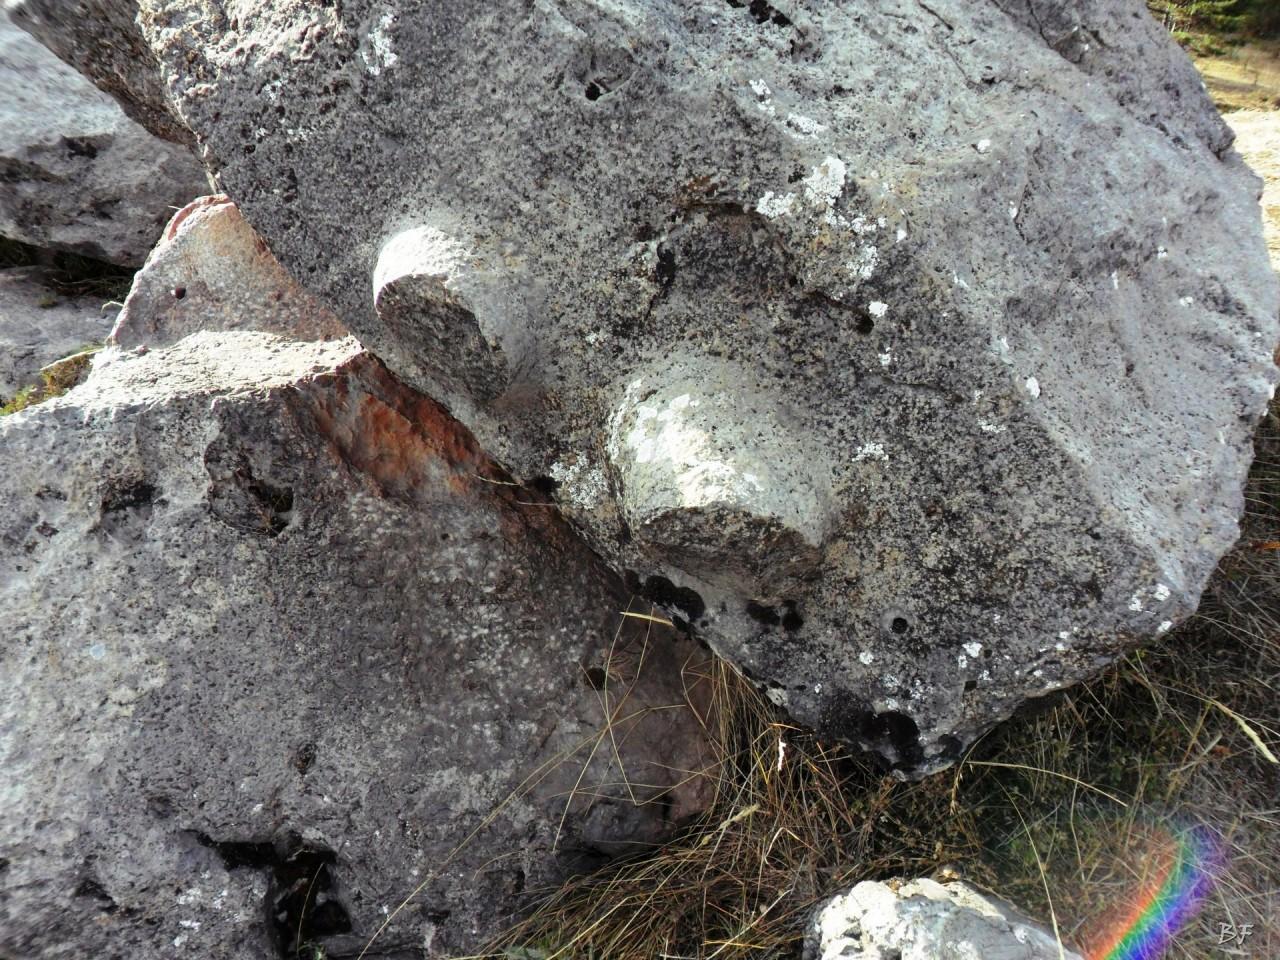 Qenqo-Chico-Altari-Mura-Poligonali-Megaliti-Cusco-Perù-5